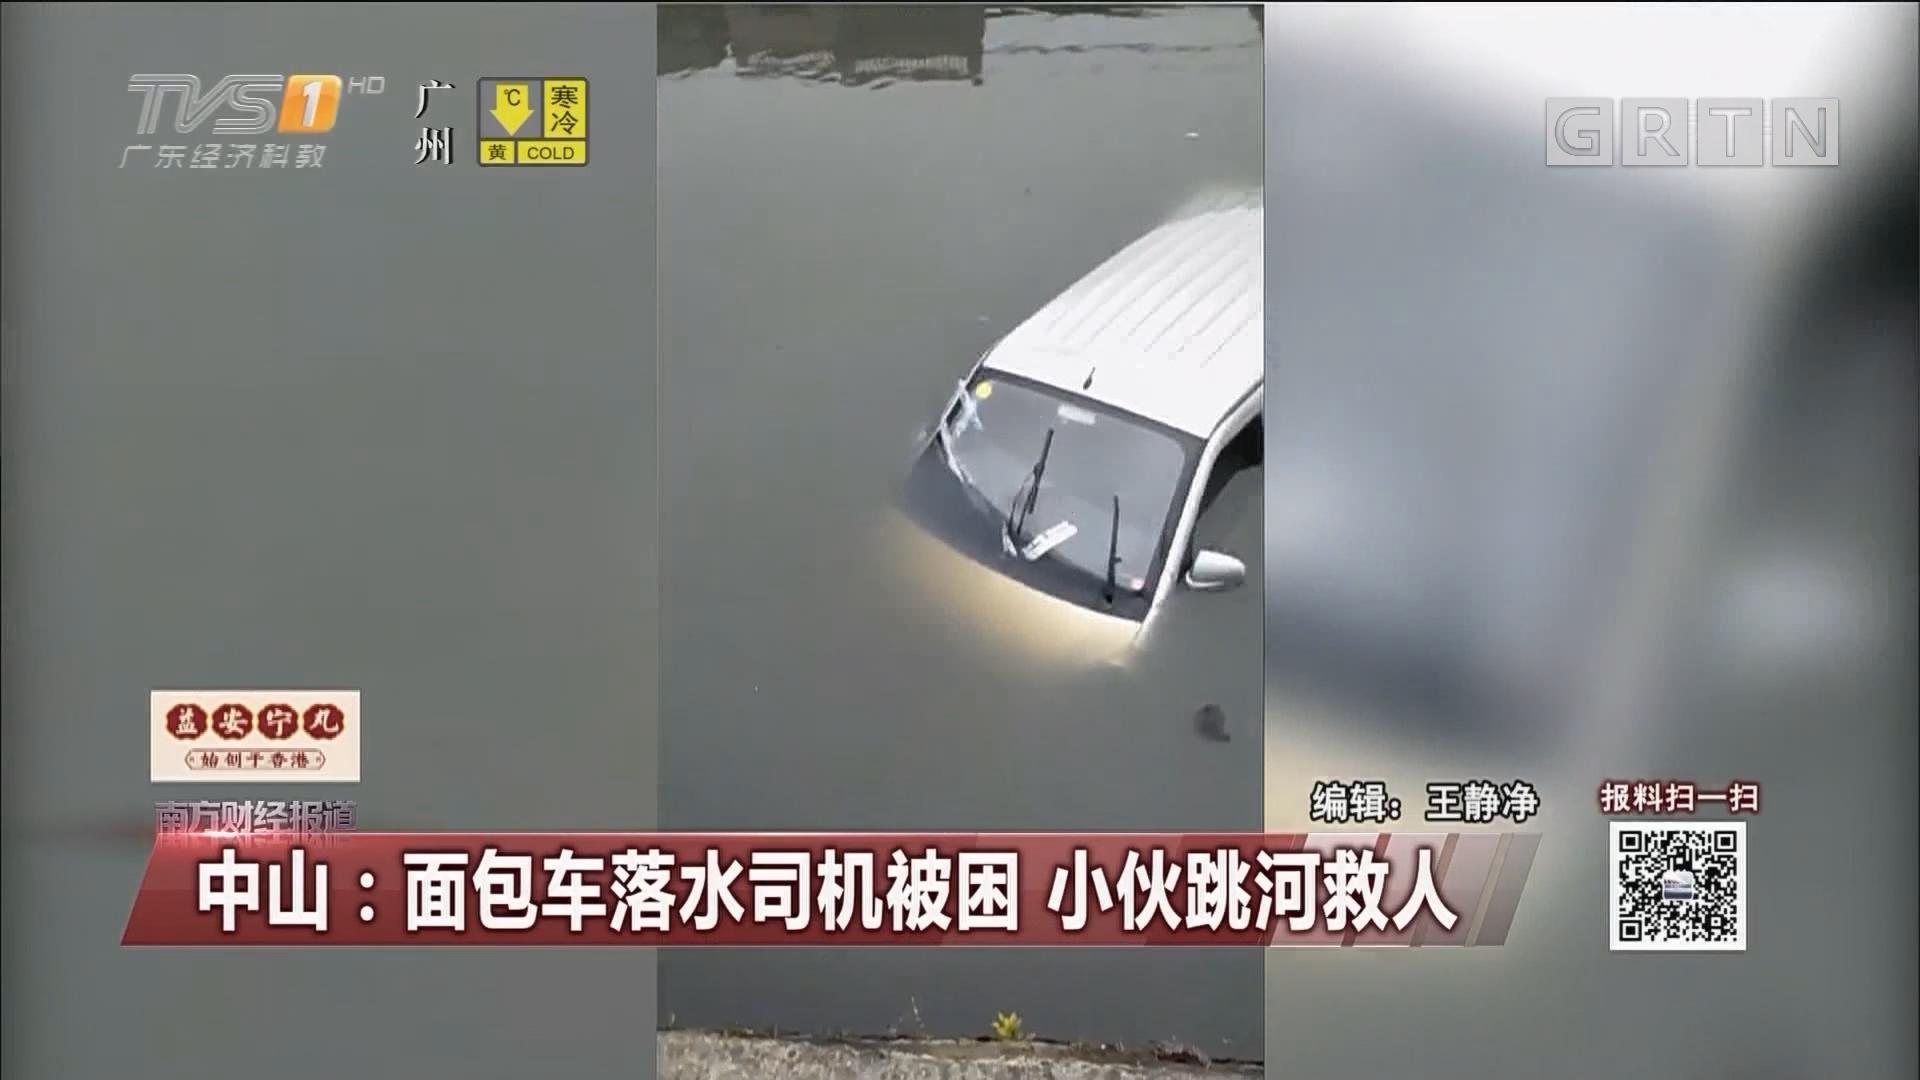 中山:面包车落水司机被困 小伙跳河救人